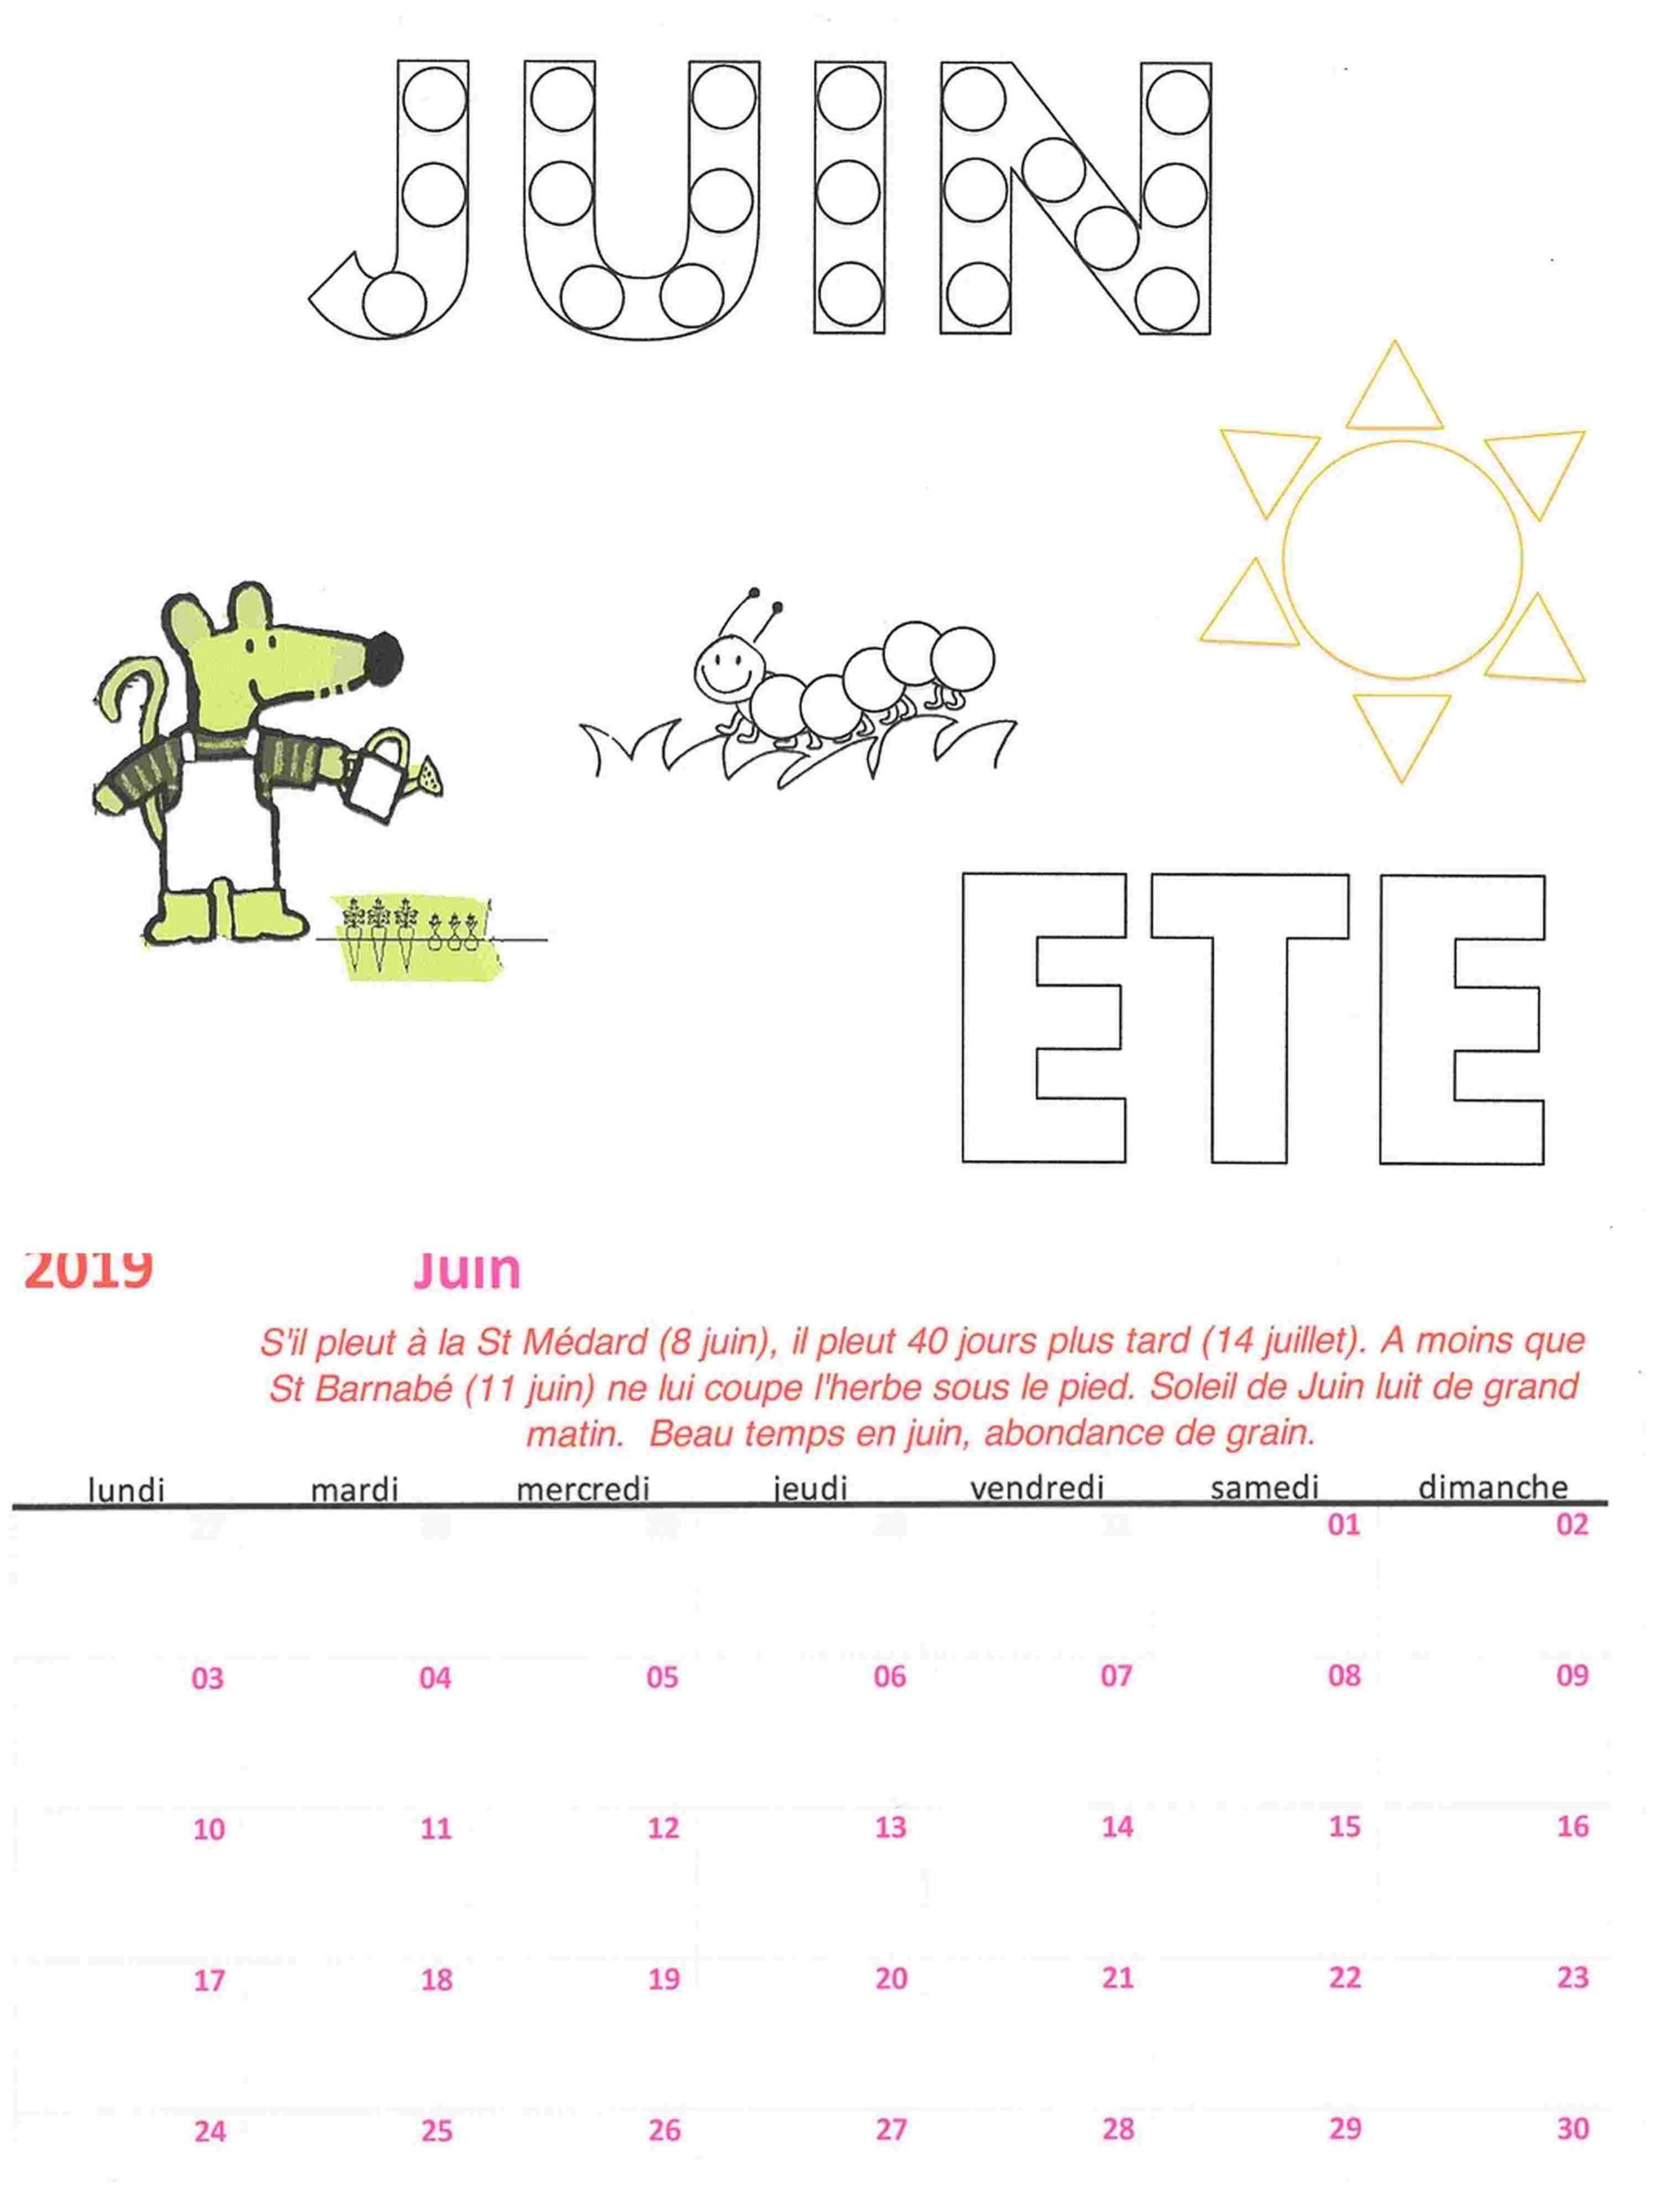 Calendrier Mensuel Juin 2019.Calendrier Mensuel Juin 2020 Calendrier 2020 Modeltreindagen